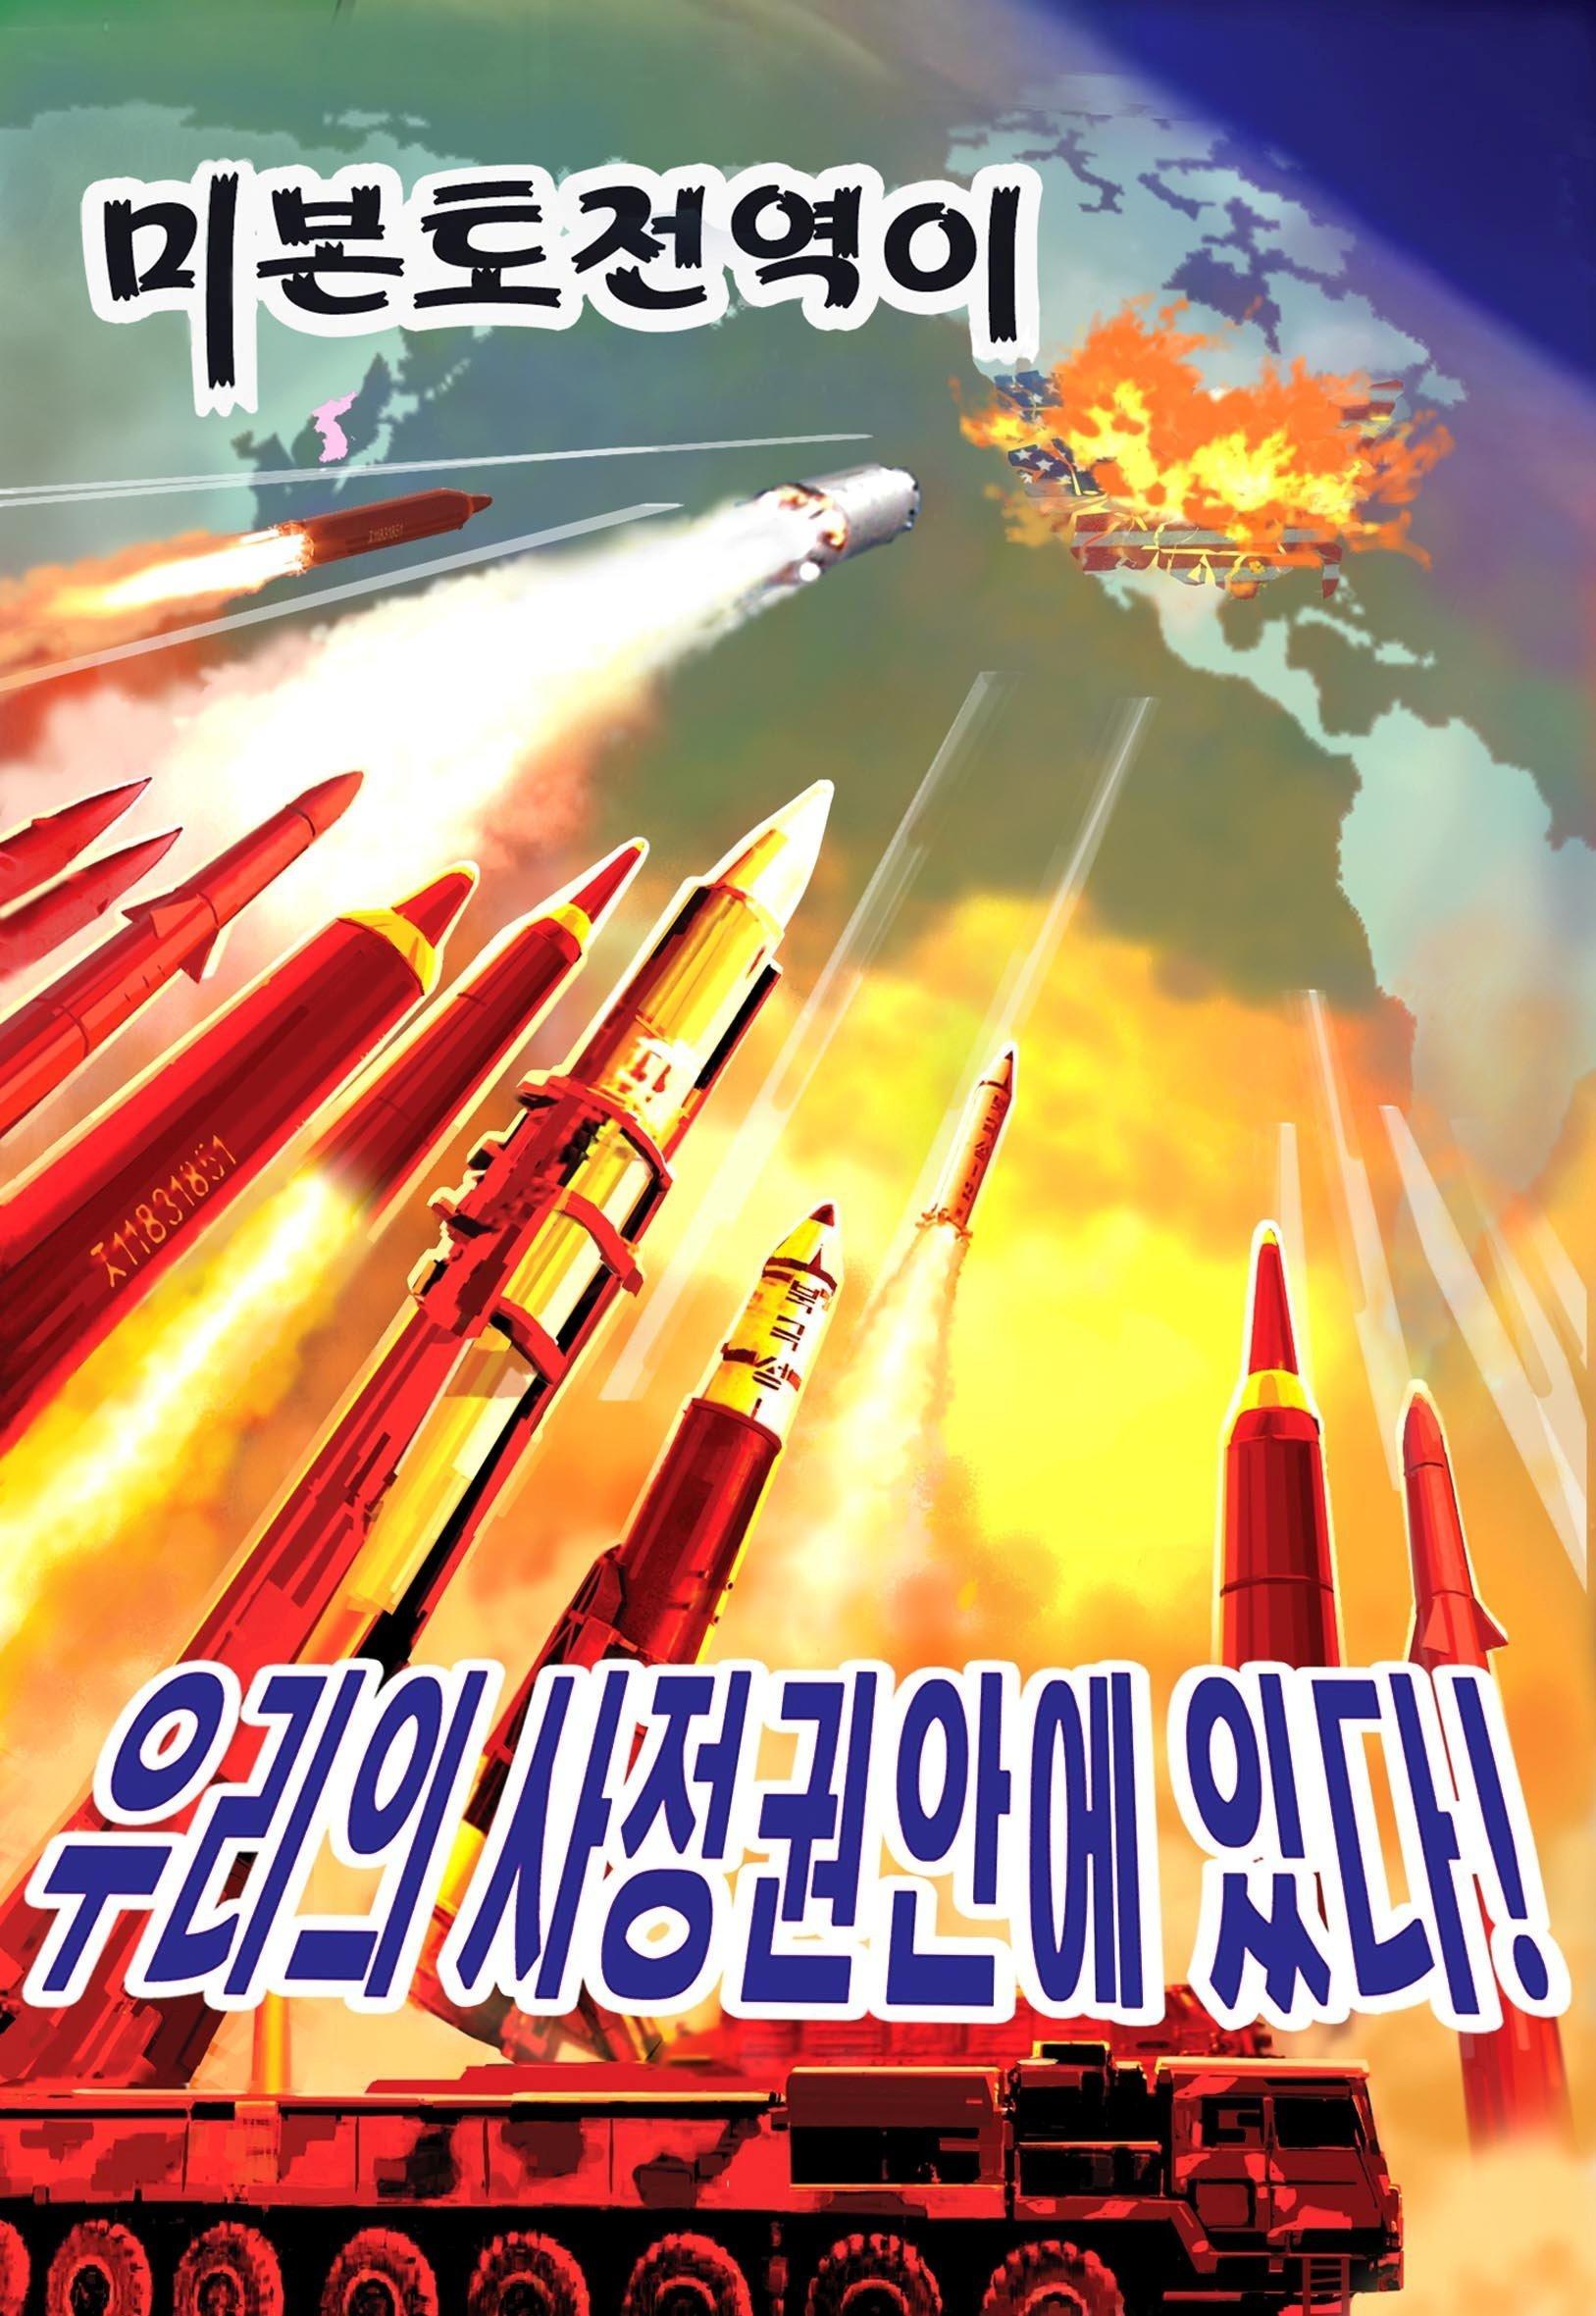 L'affiche politique nord-coréenne «Tout le territoire des États-Unis est à notre portée!»